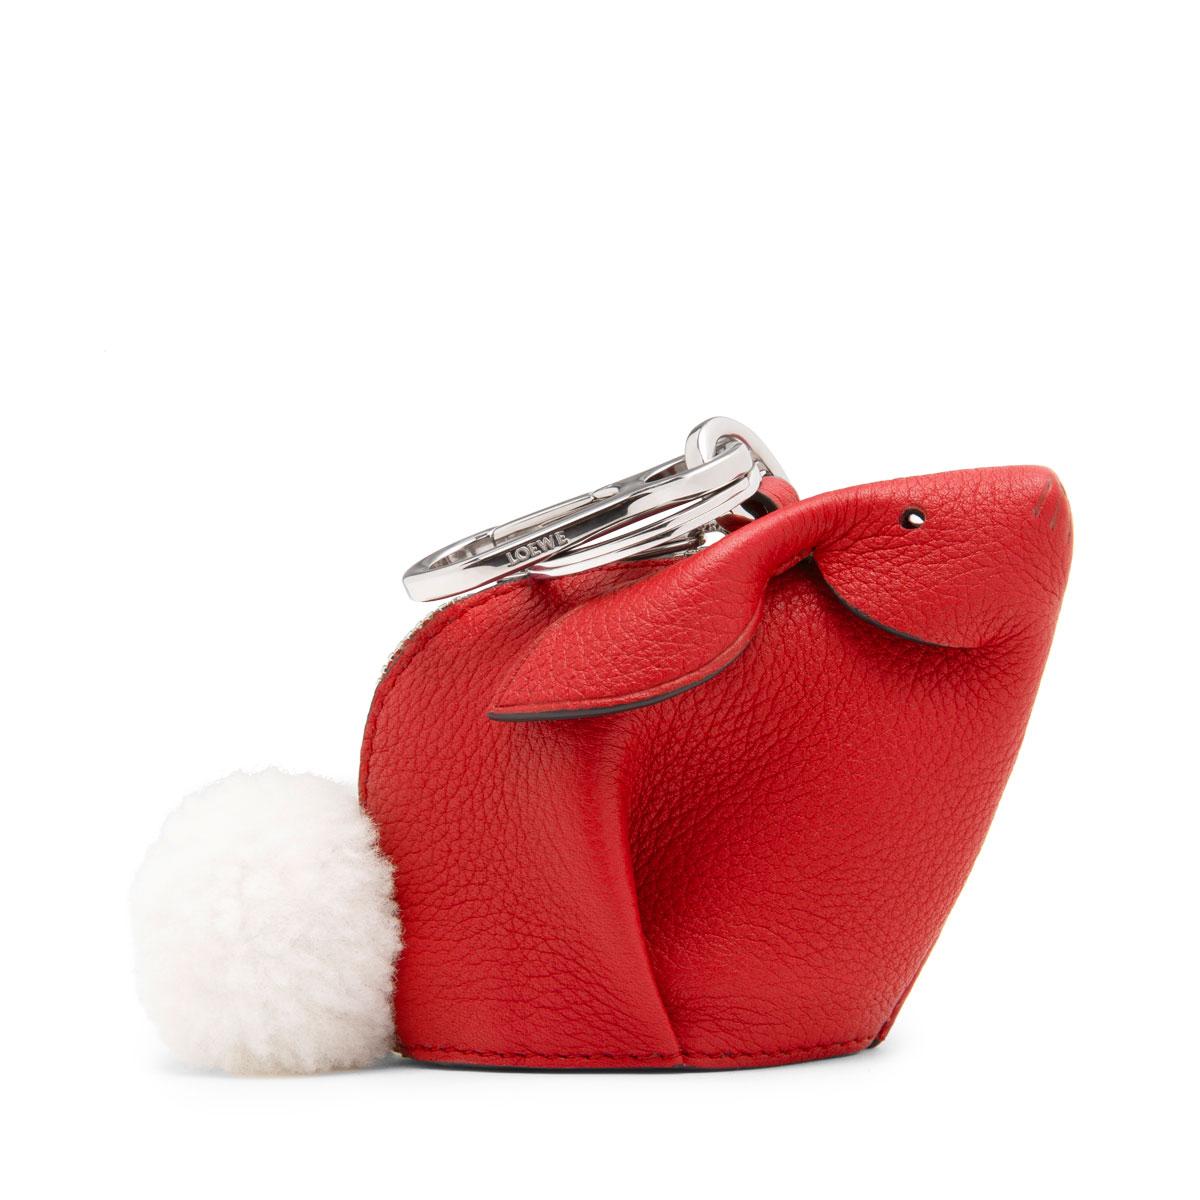 Bunny Charm Scarlet Red LOEWE